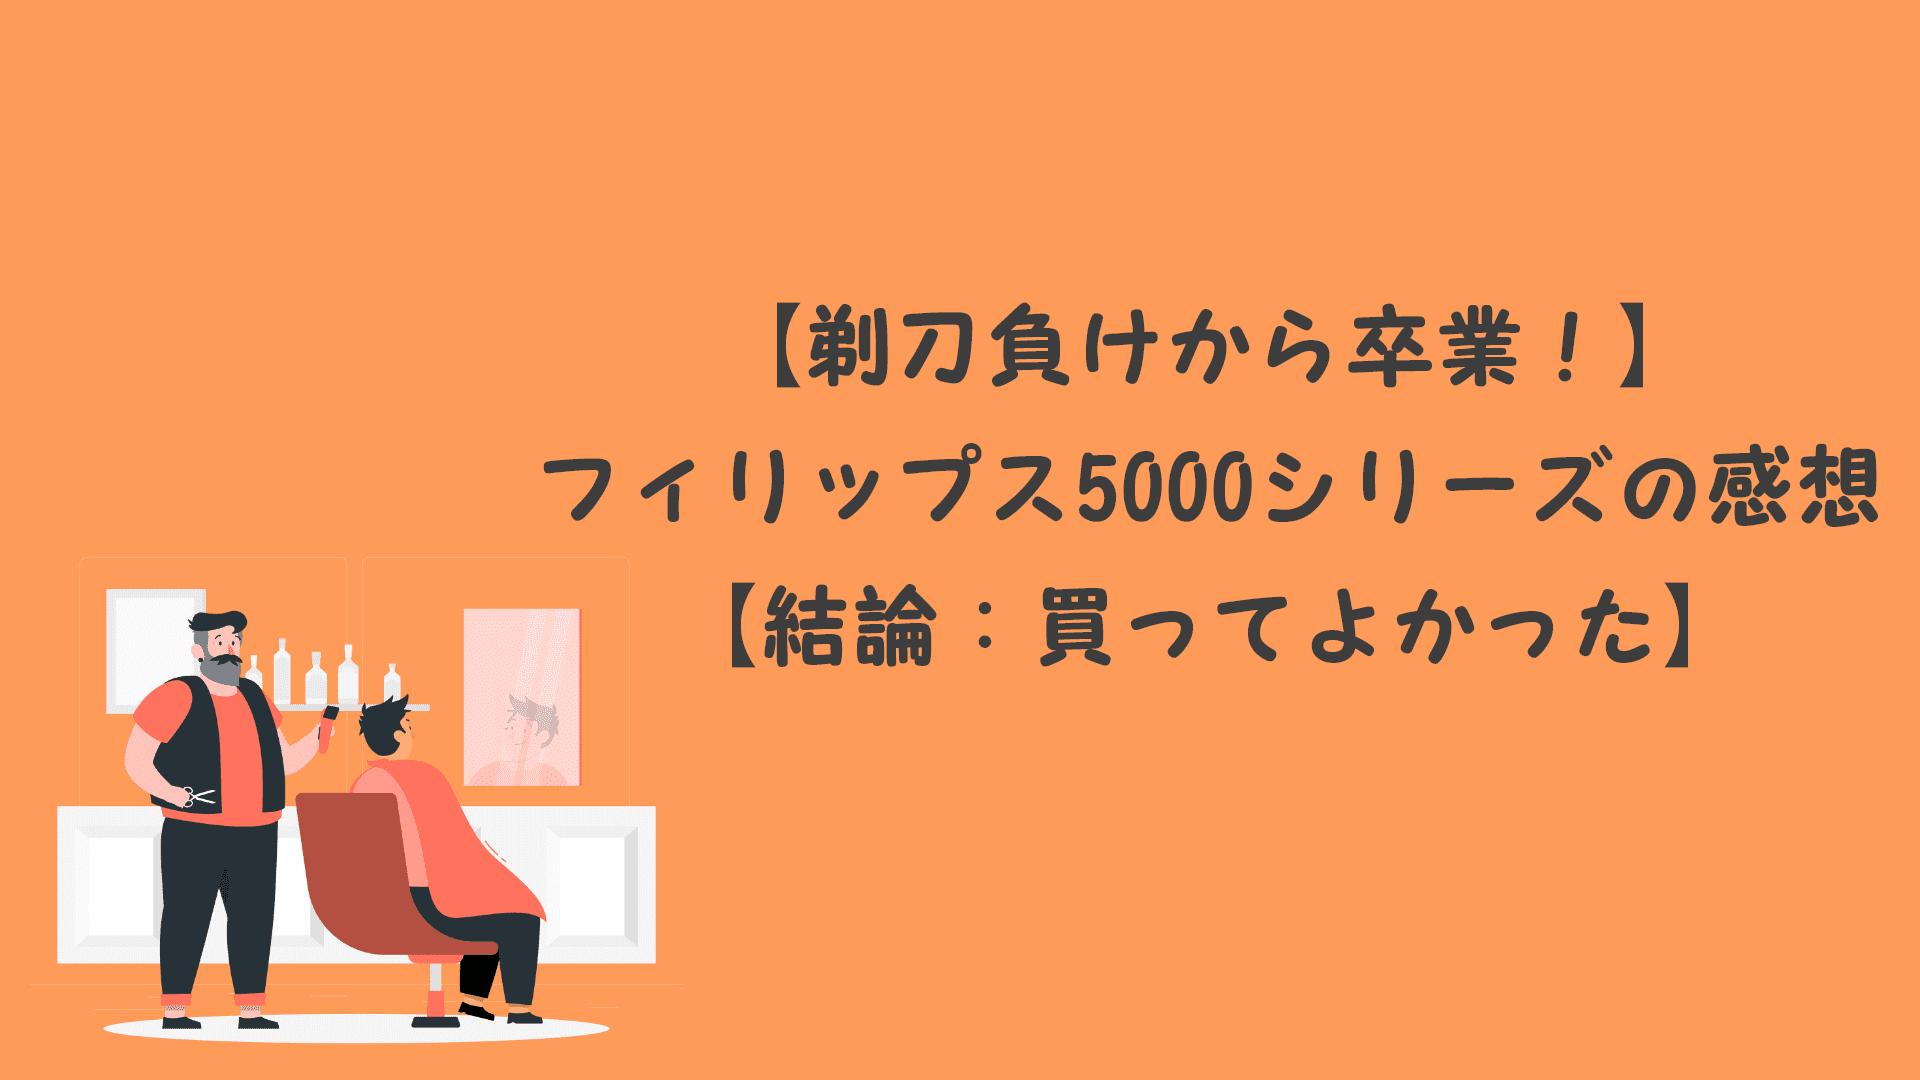 【剃刀負けから卒業!】フィリップス5000シリーズの感想【結論:買ってよかった】